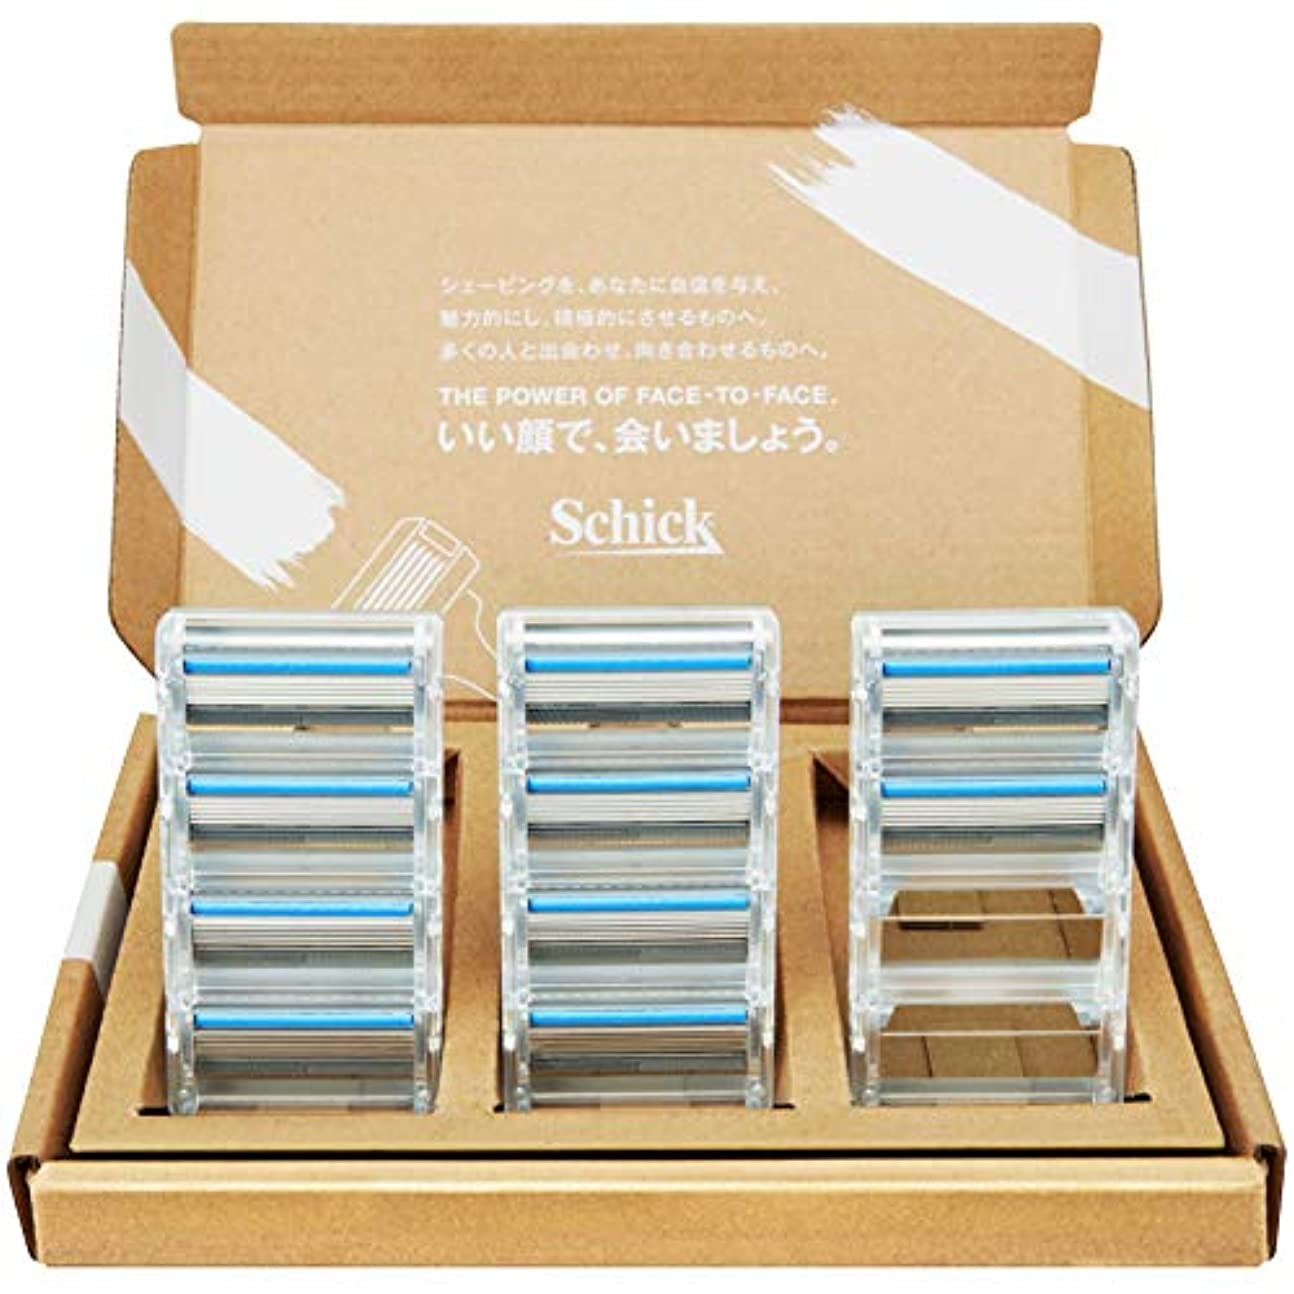 繊維引き渡す履歴書【Amazon.co.jp限定】 シック クアトロ5 チタニウム 替刃 10コ入